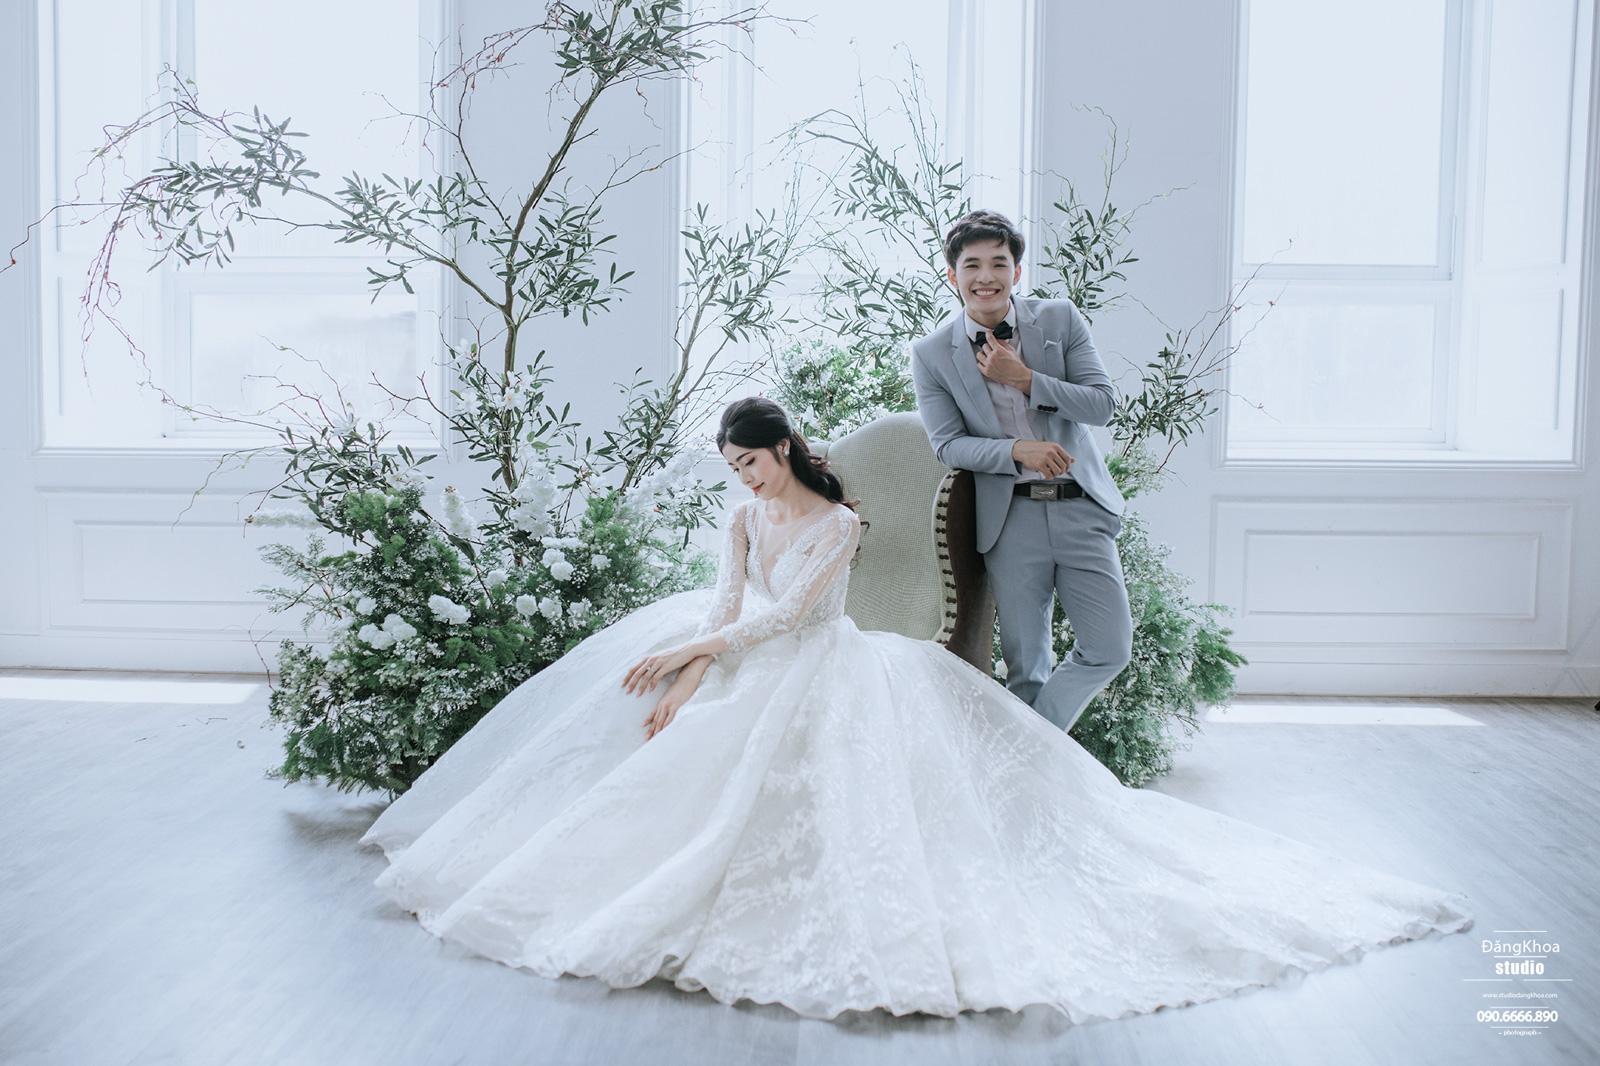 Đăng Khoa studio chụp ảnh cưới đẹp giá rẻ